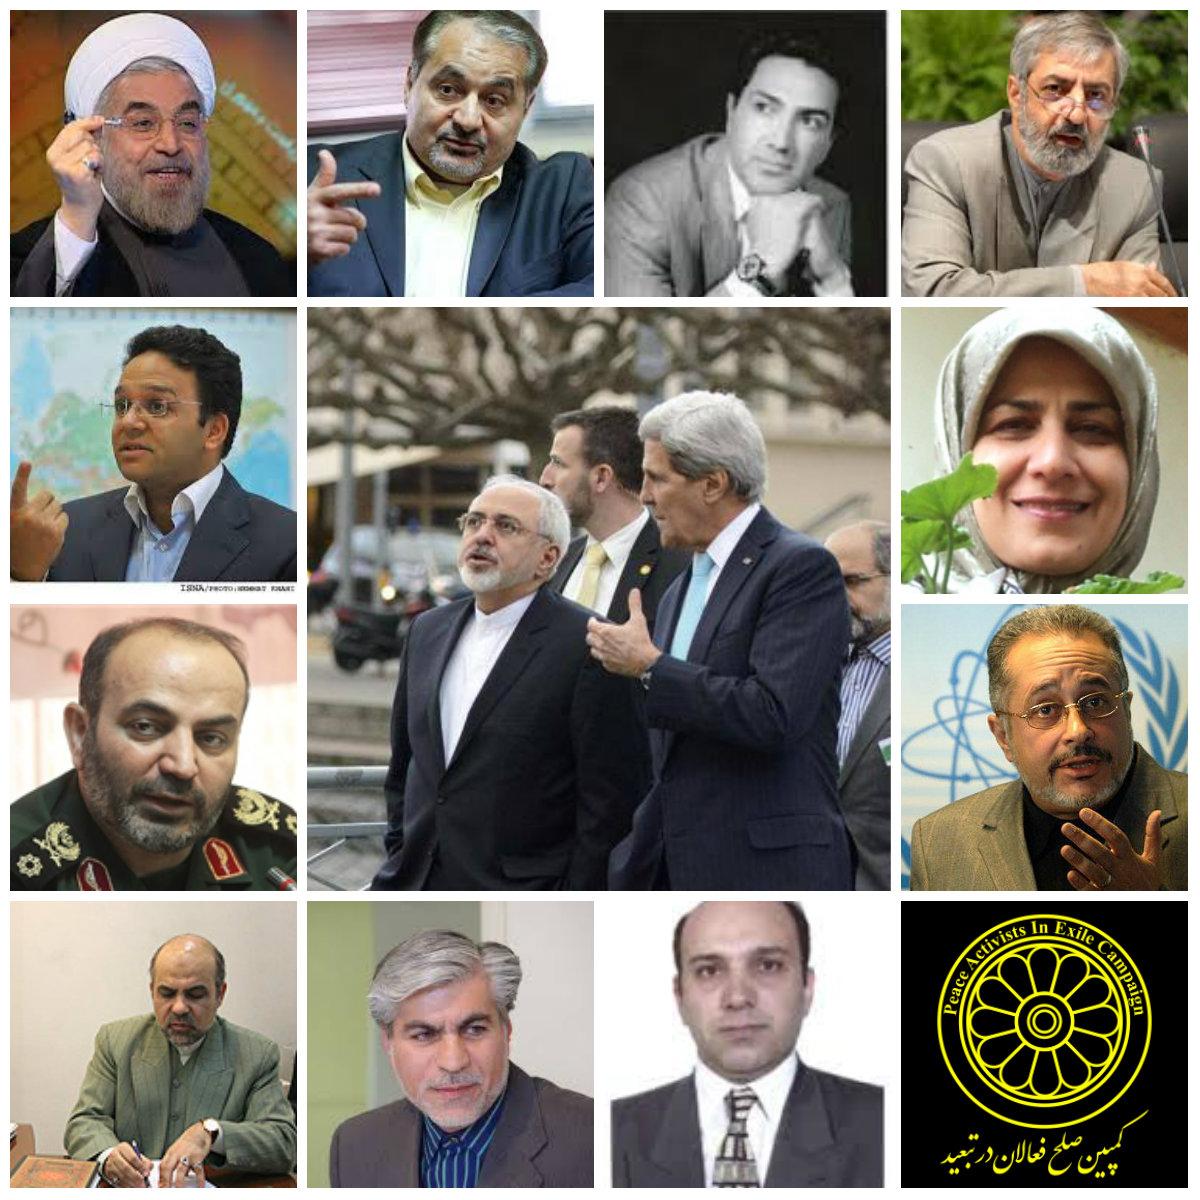 دو نما از حسن روحانی: لیست ده قربانی بلندپایه حسن روحانی برای مذاکرات هسته ای